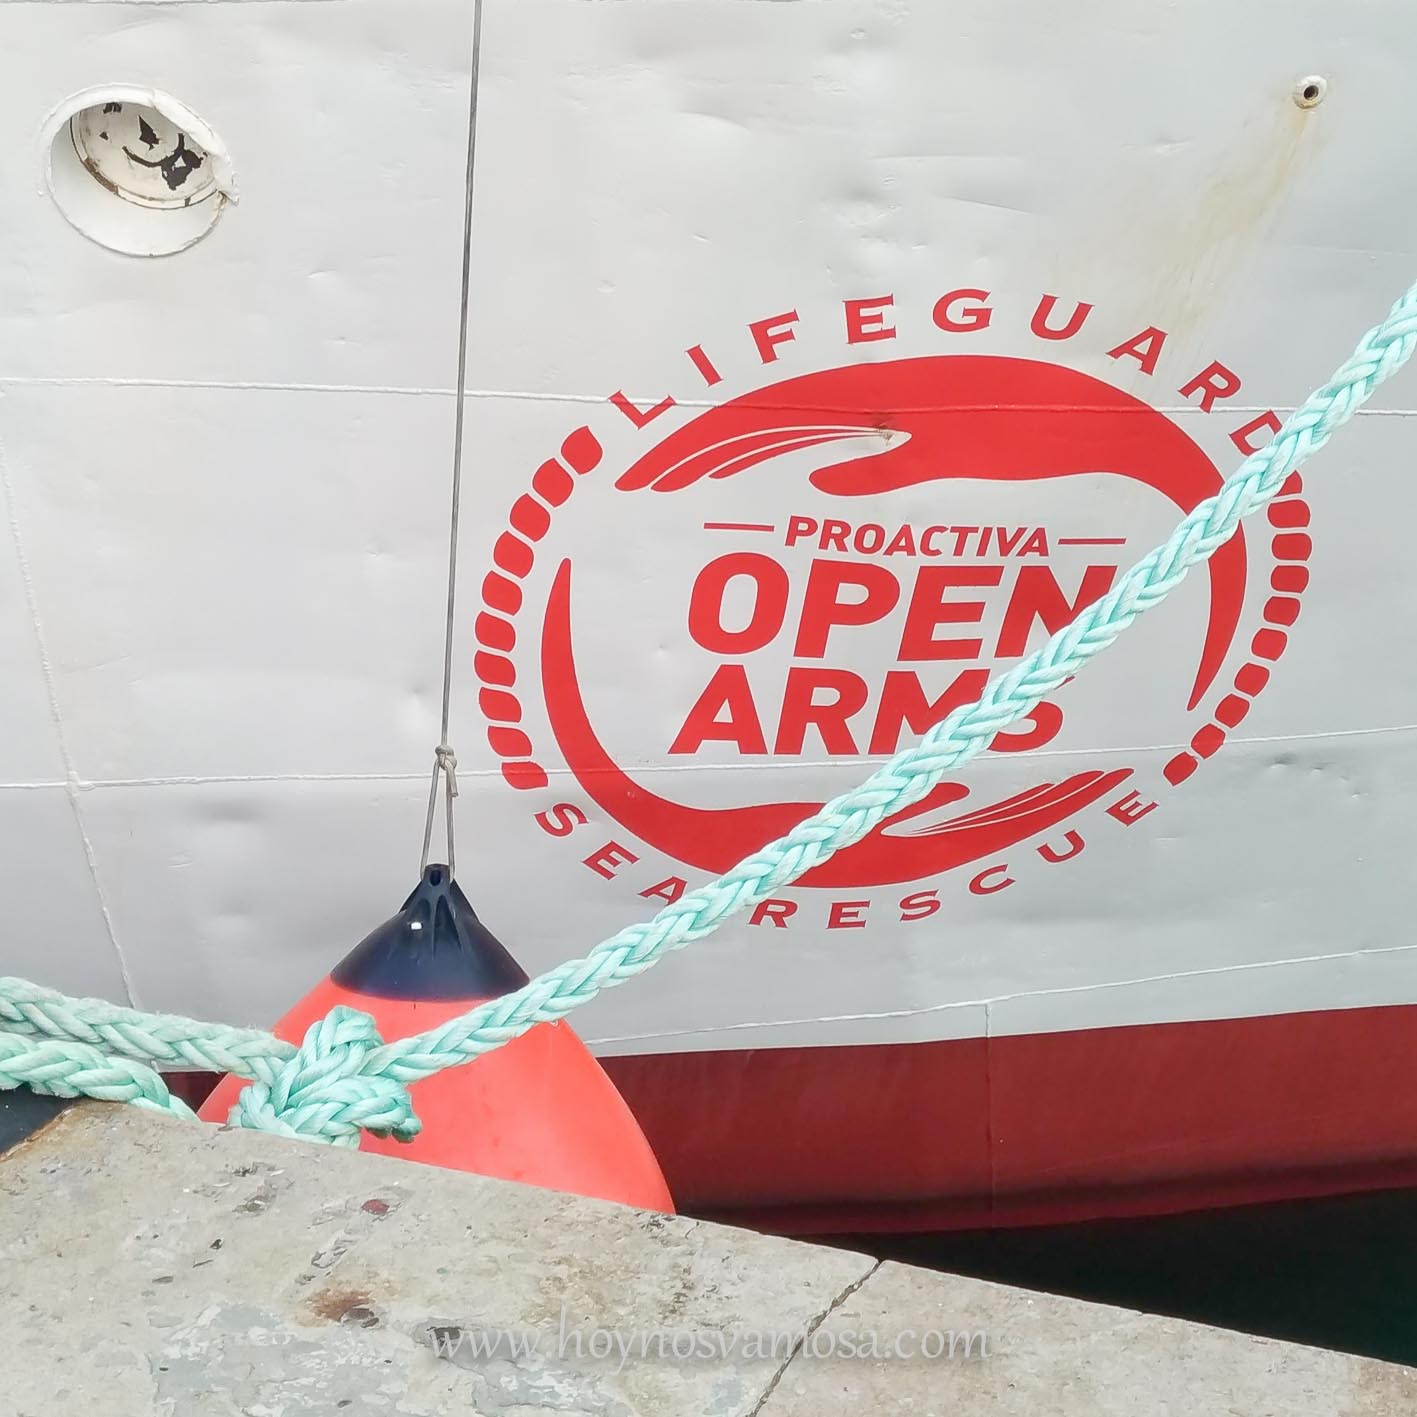 Esta organización se dedica al rescate en alta mar de aquellos refugiados que huyen de sus países intentando alcanzar las costas europeas.